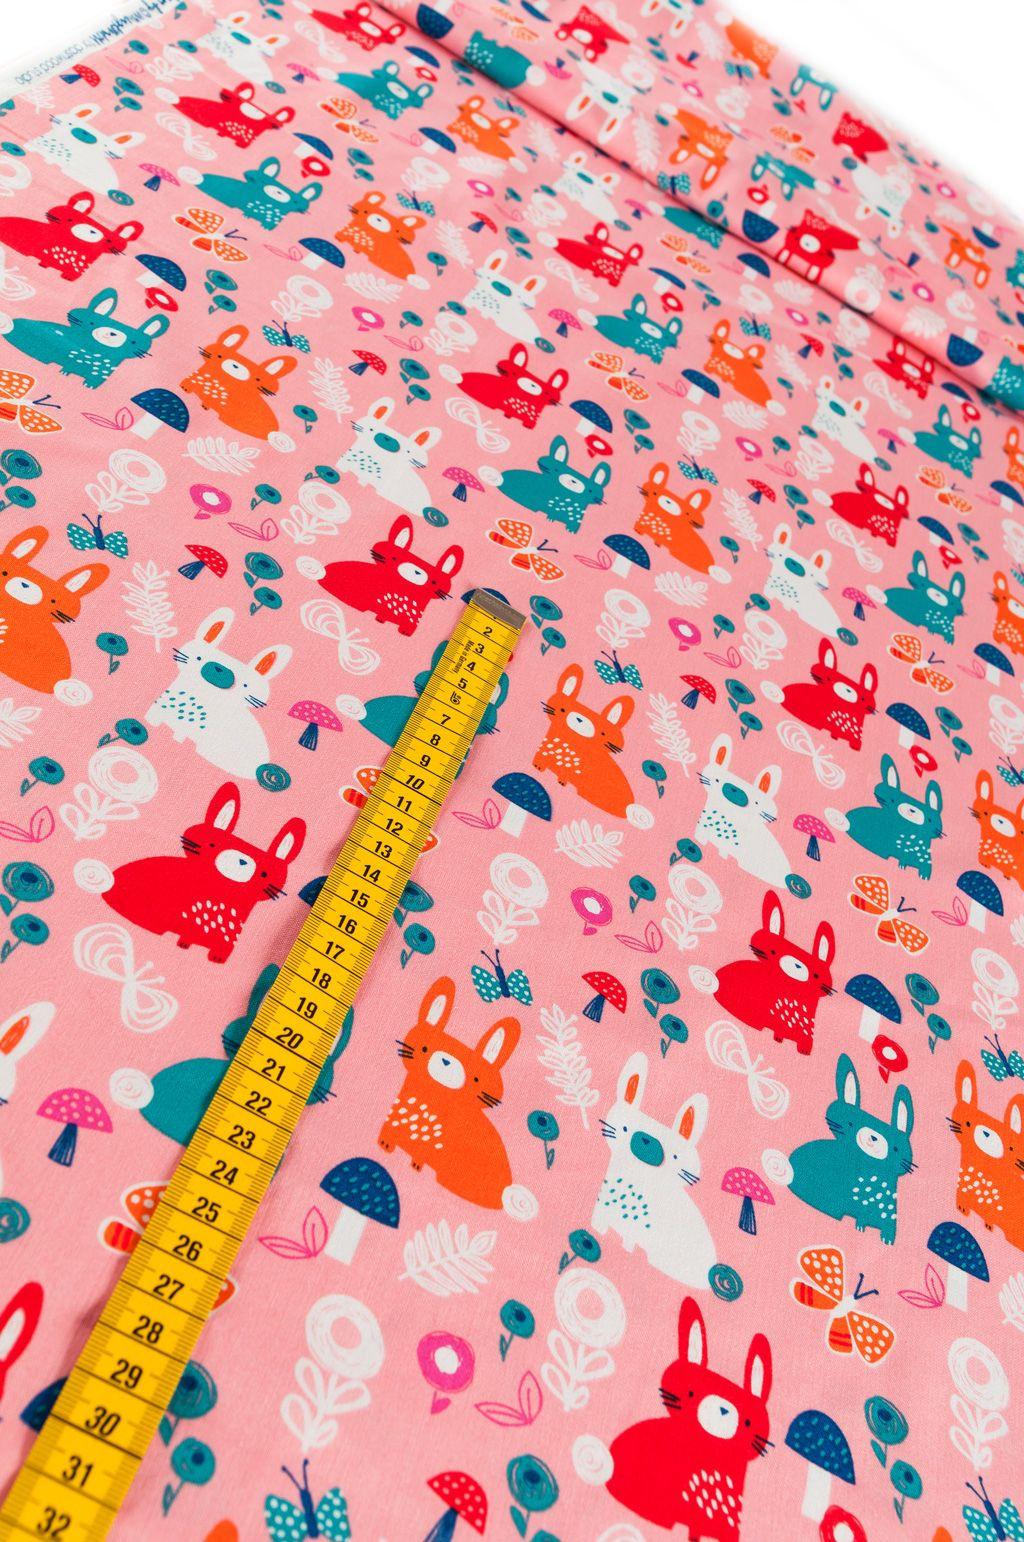 c70d26c17 bavlna, látka, šití, patchwork, metráž, textil, látky, metrový textil